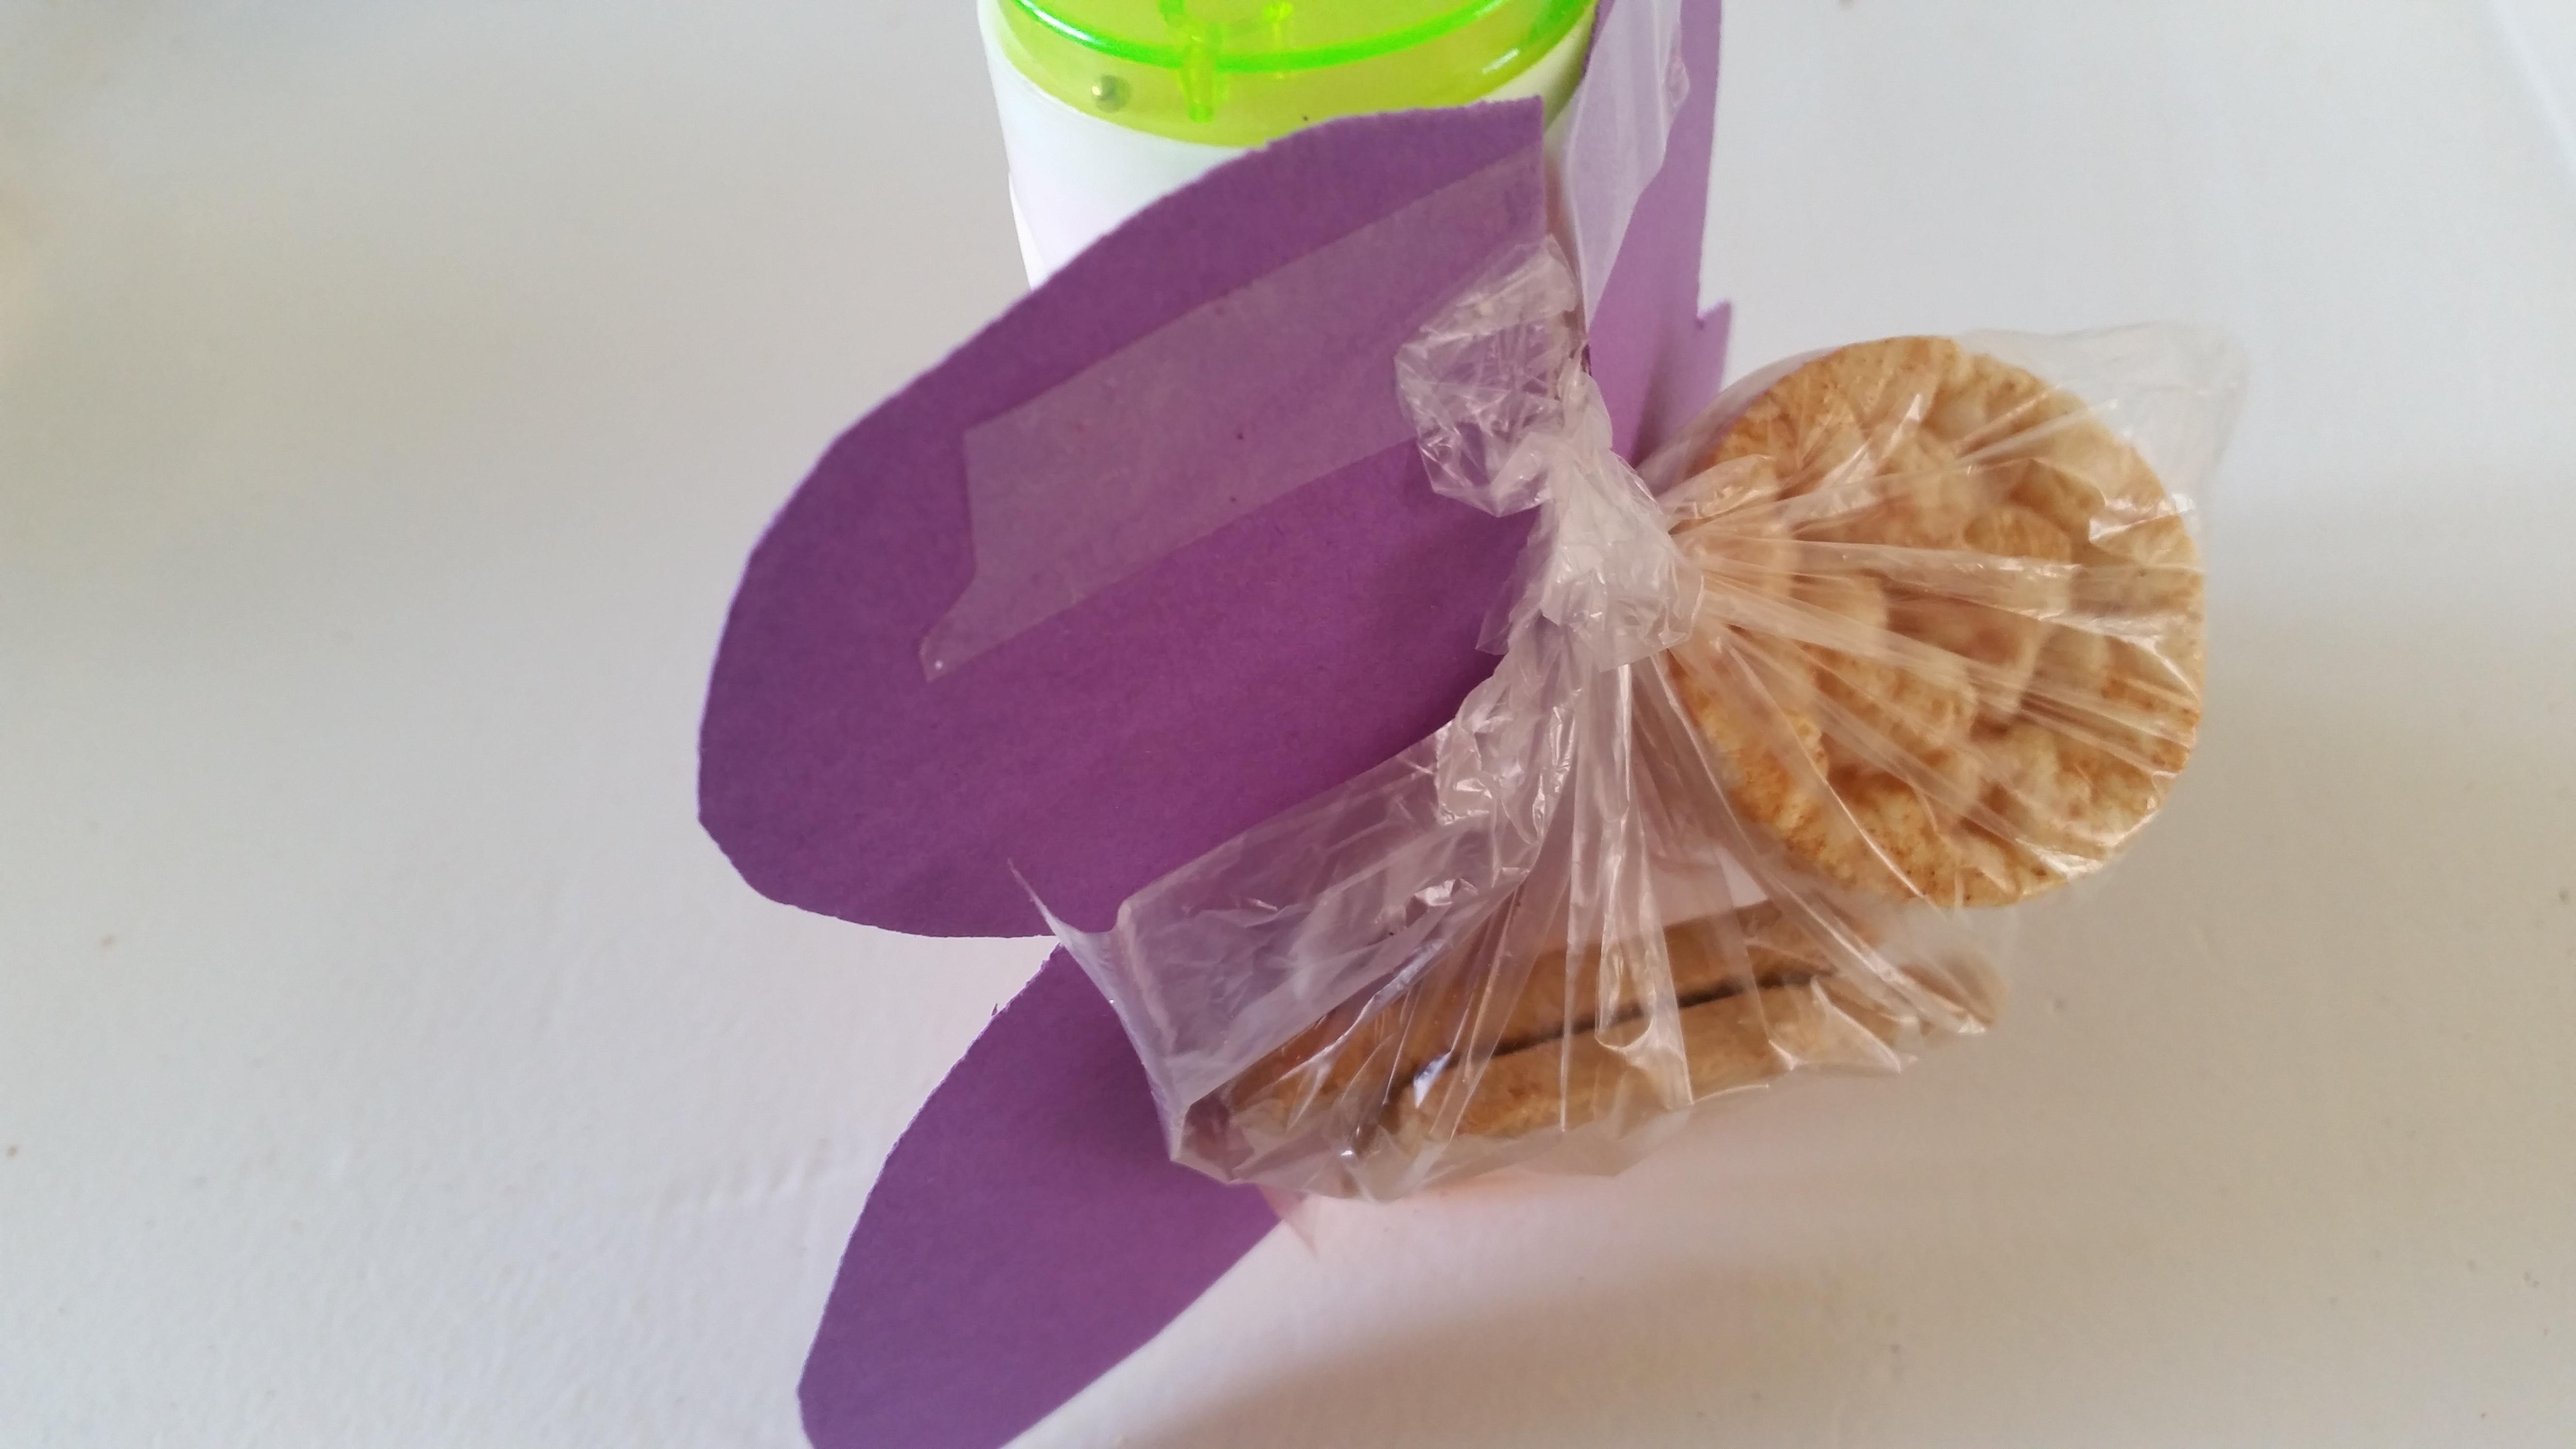 4-16-bellenblaas-traktatie-trakteren-creatief-vlinder-samen-dreumes-zelf-tekenen-kleuren-stiften-nijntje-stickers-hema-action-stickeren-Nola-mooi-kinderdagverblijf-creche-verhuizen-afscheid--ach